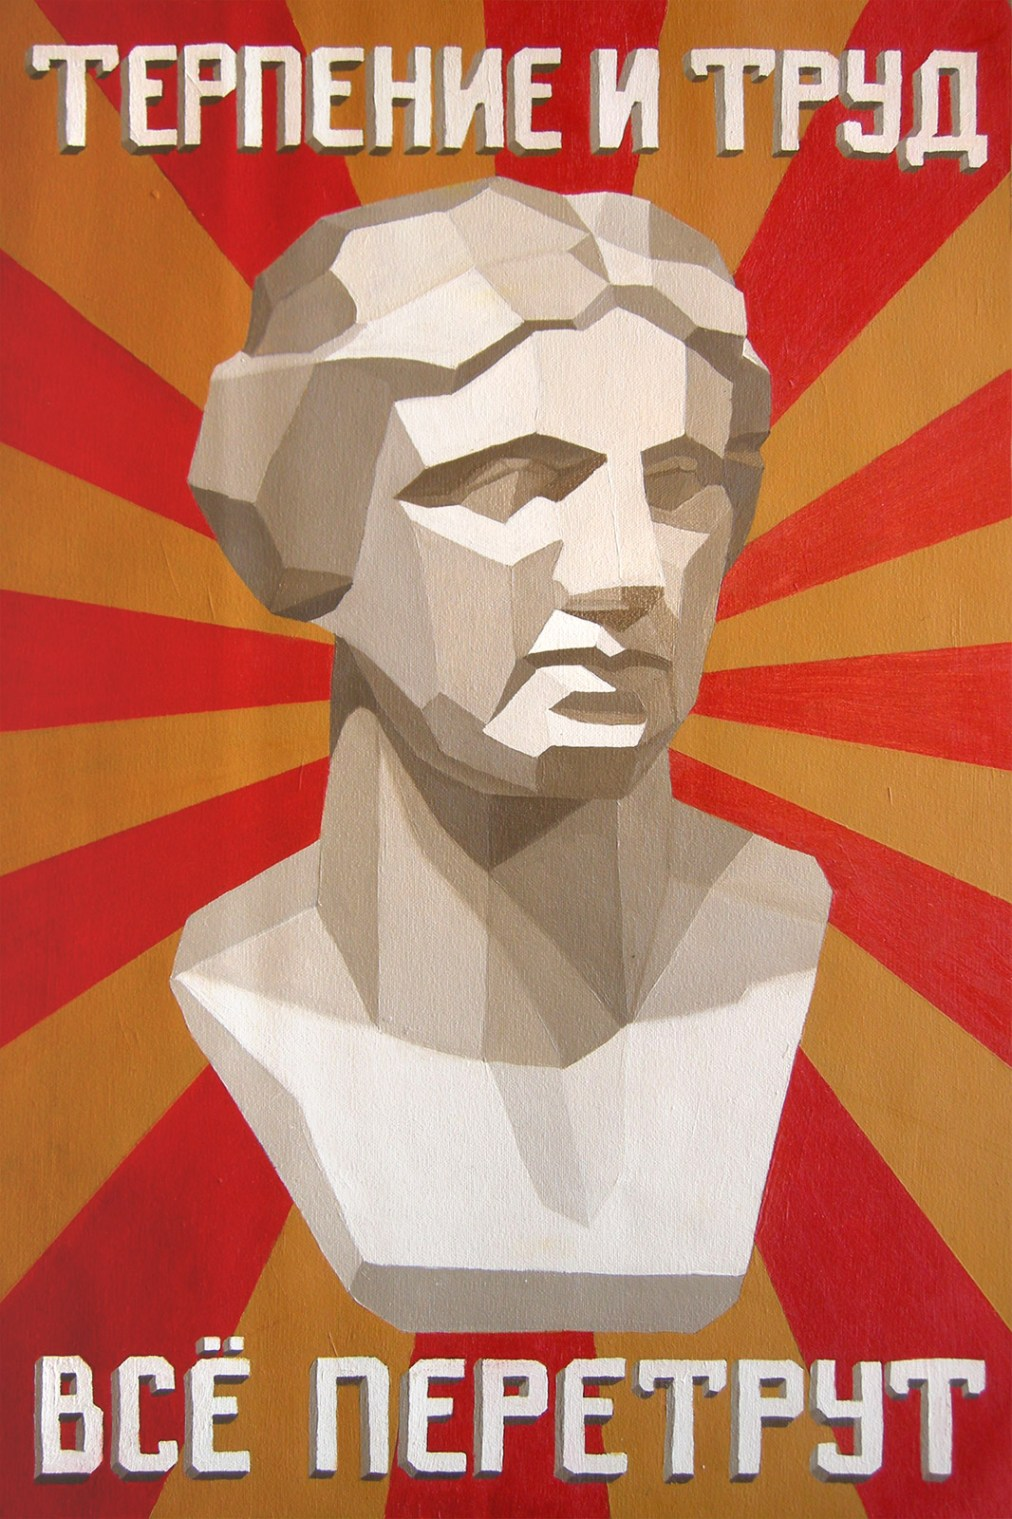 Soviet poster style by Tatyana Deniz, oil on canvas, 2011